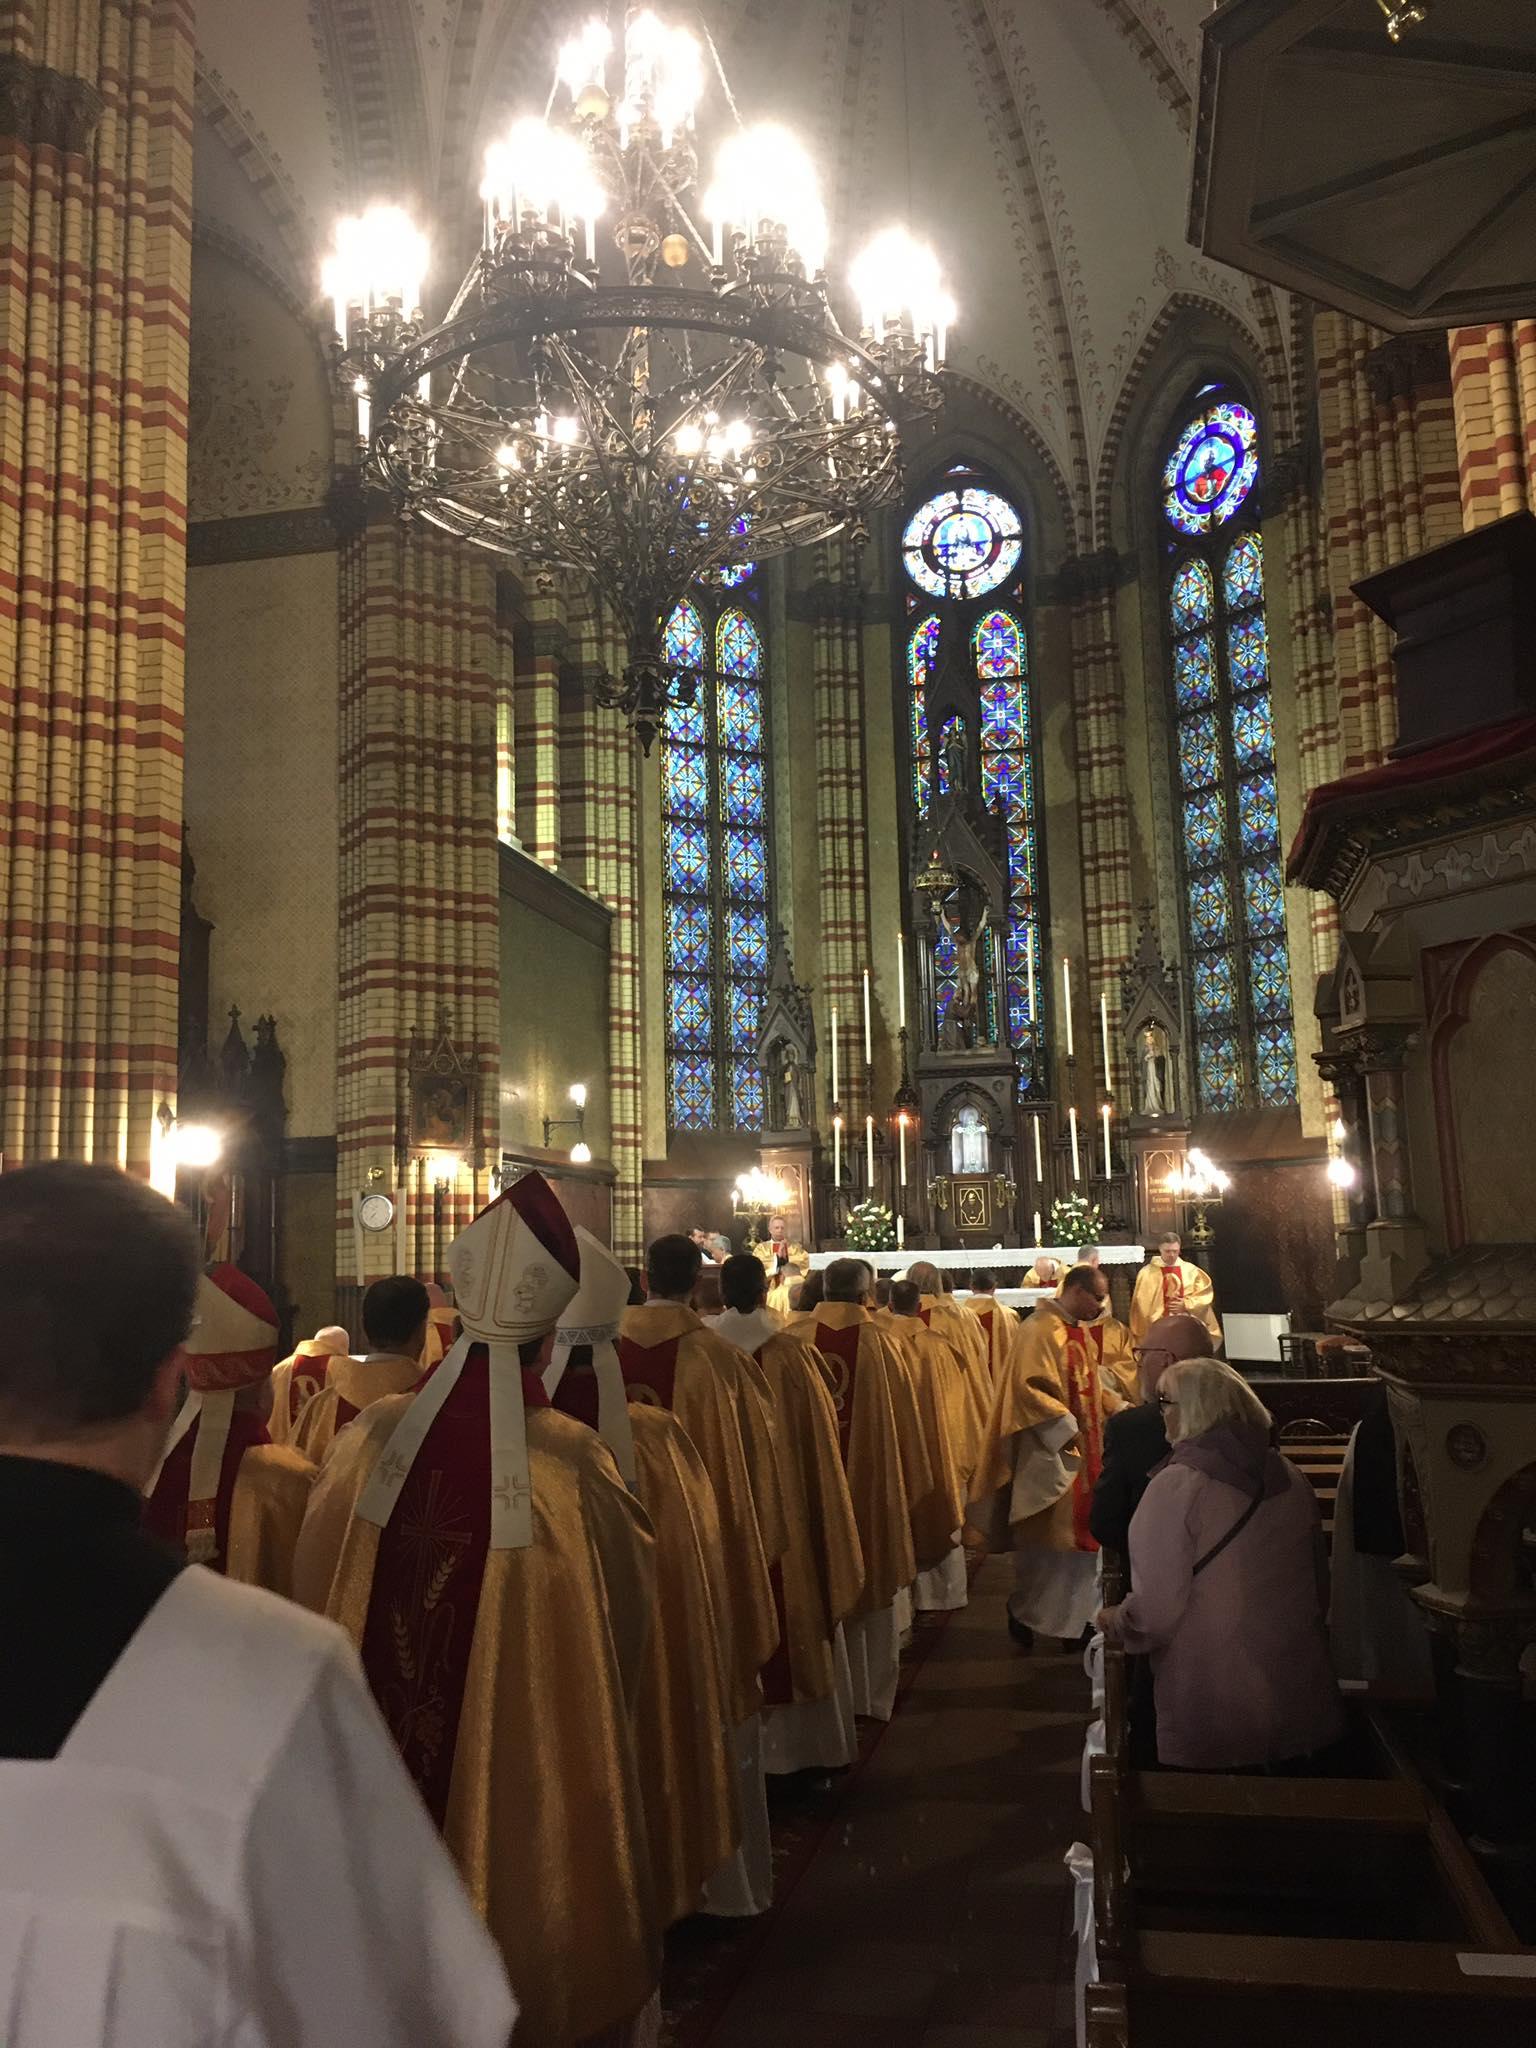 Ceturdienas tradīcija lūgties par priesteriem